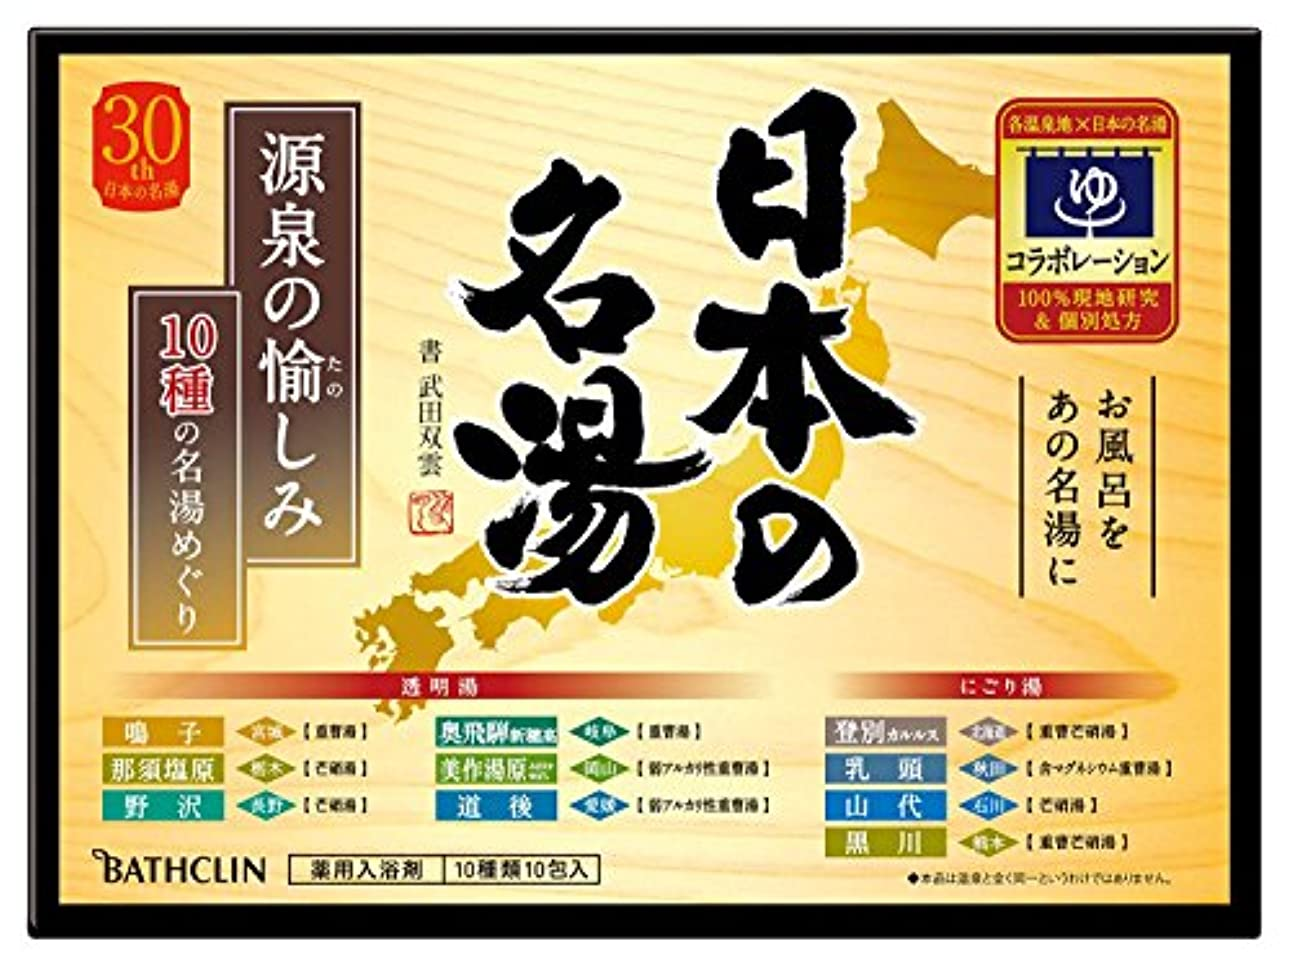 どっち瀬戸際枕【医薬部外品】日本の名湯入浴剤 源泉の愉しみ 30g ×10包 個包装 詰め合わせ 温泉タイプ